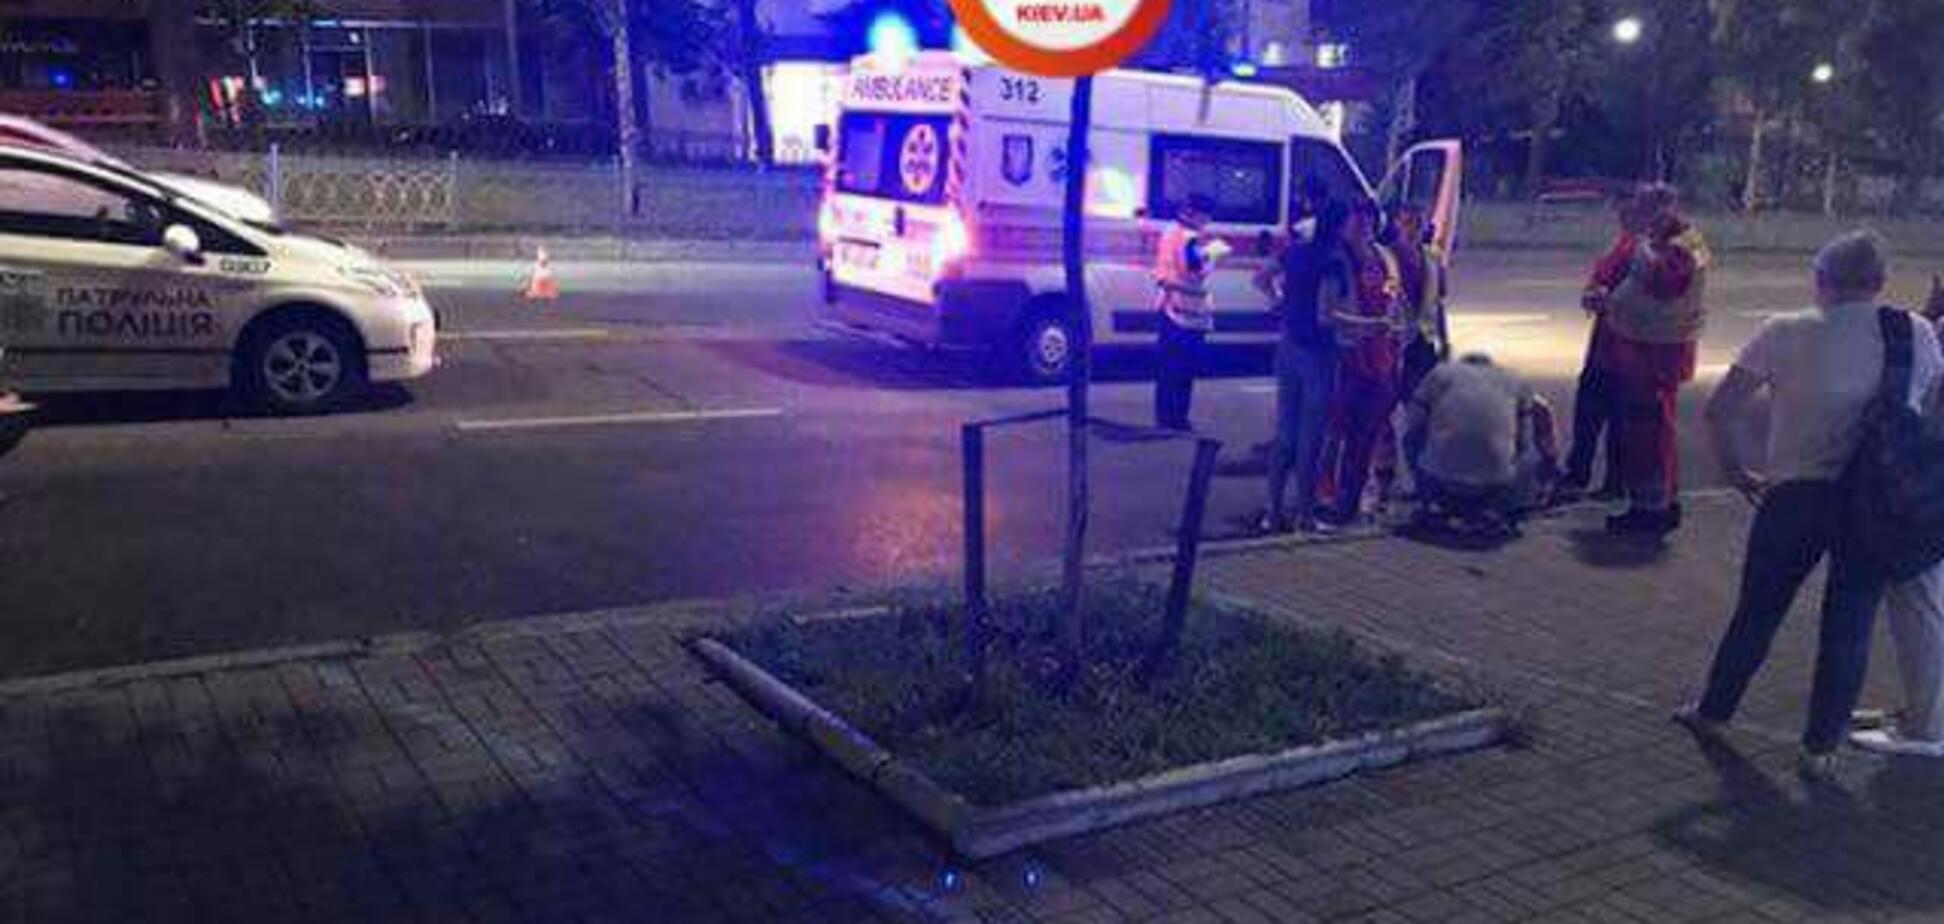 Протягнув 50 метрів: у центрі Києва 'неадекватний' водій на смерть збив дитину